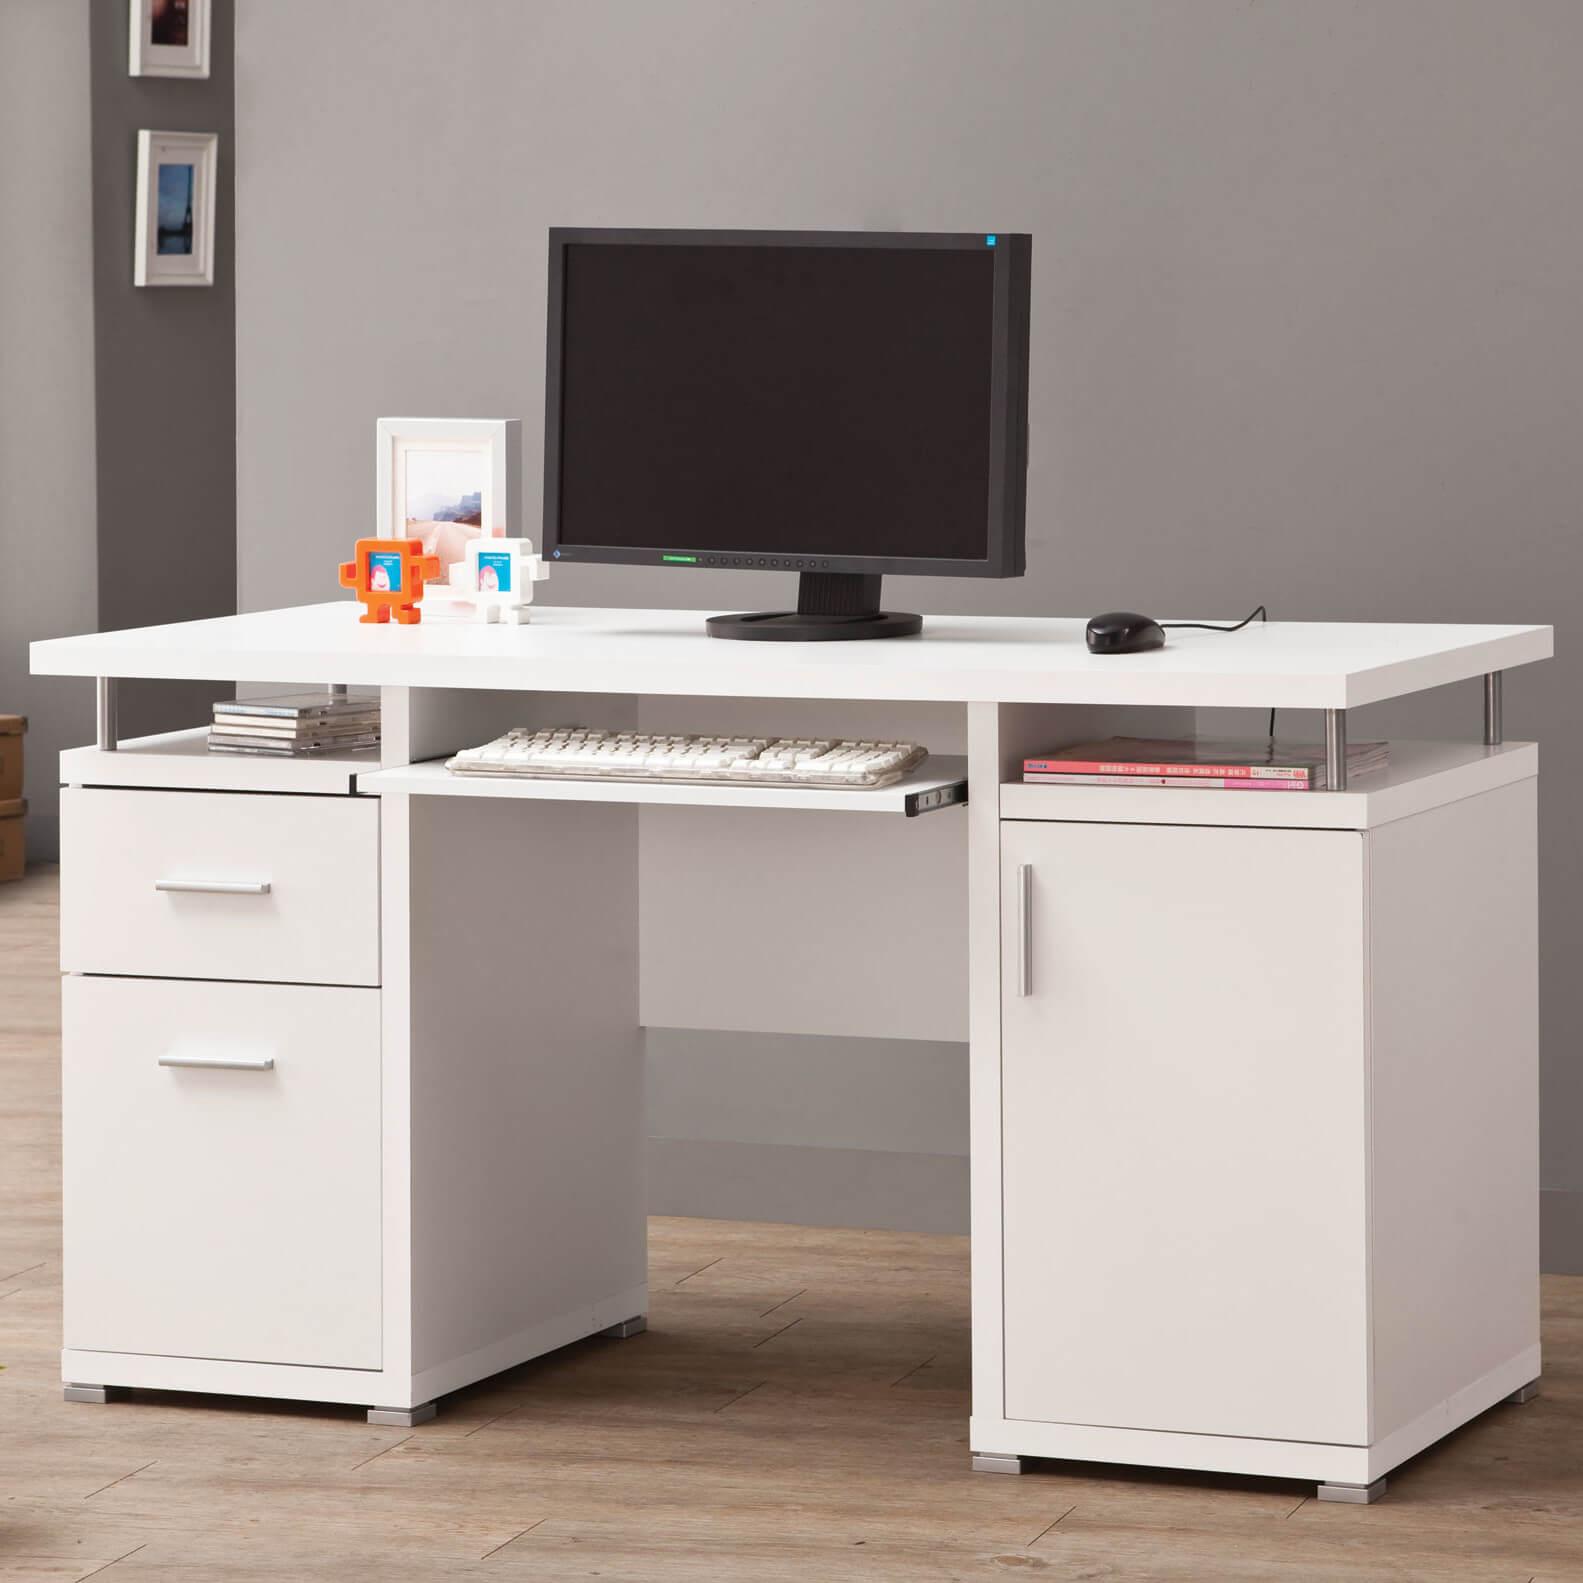 قیمت میز کامپیوتر مدرن